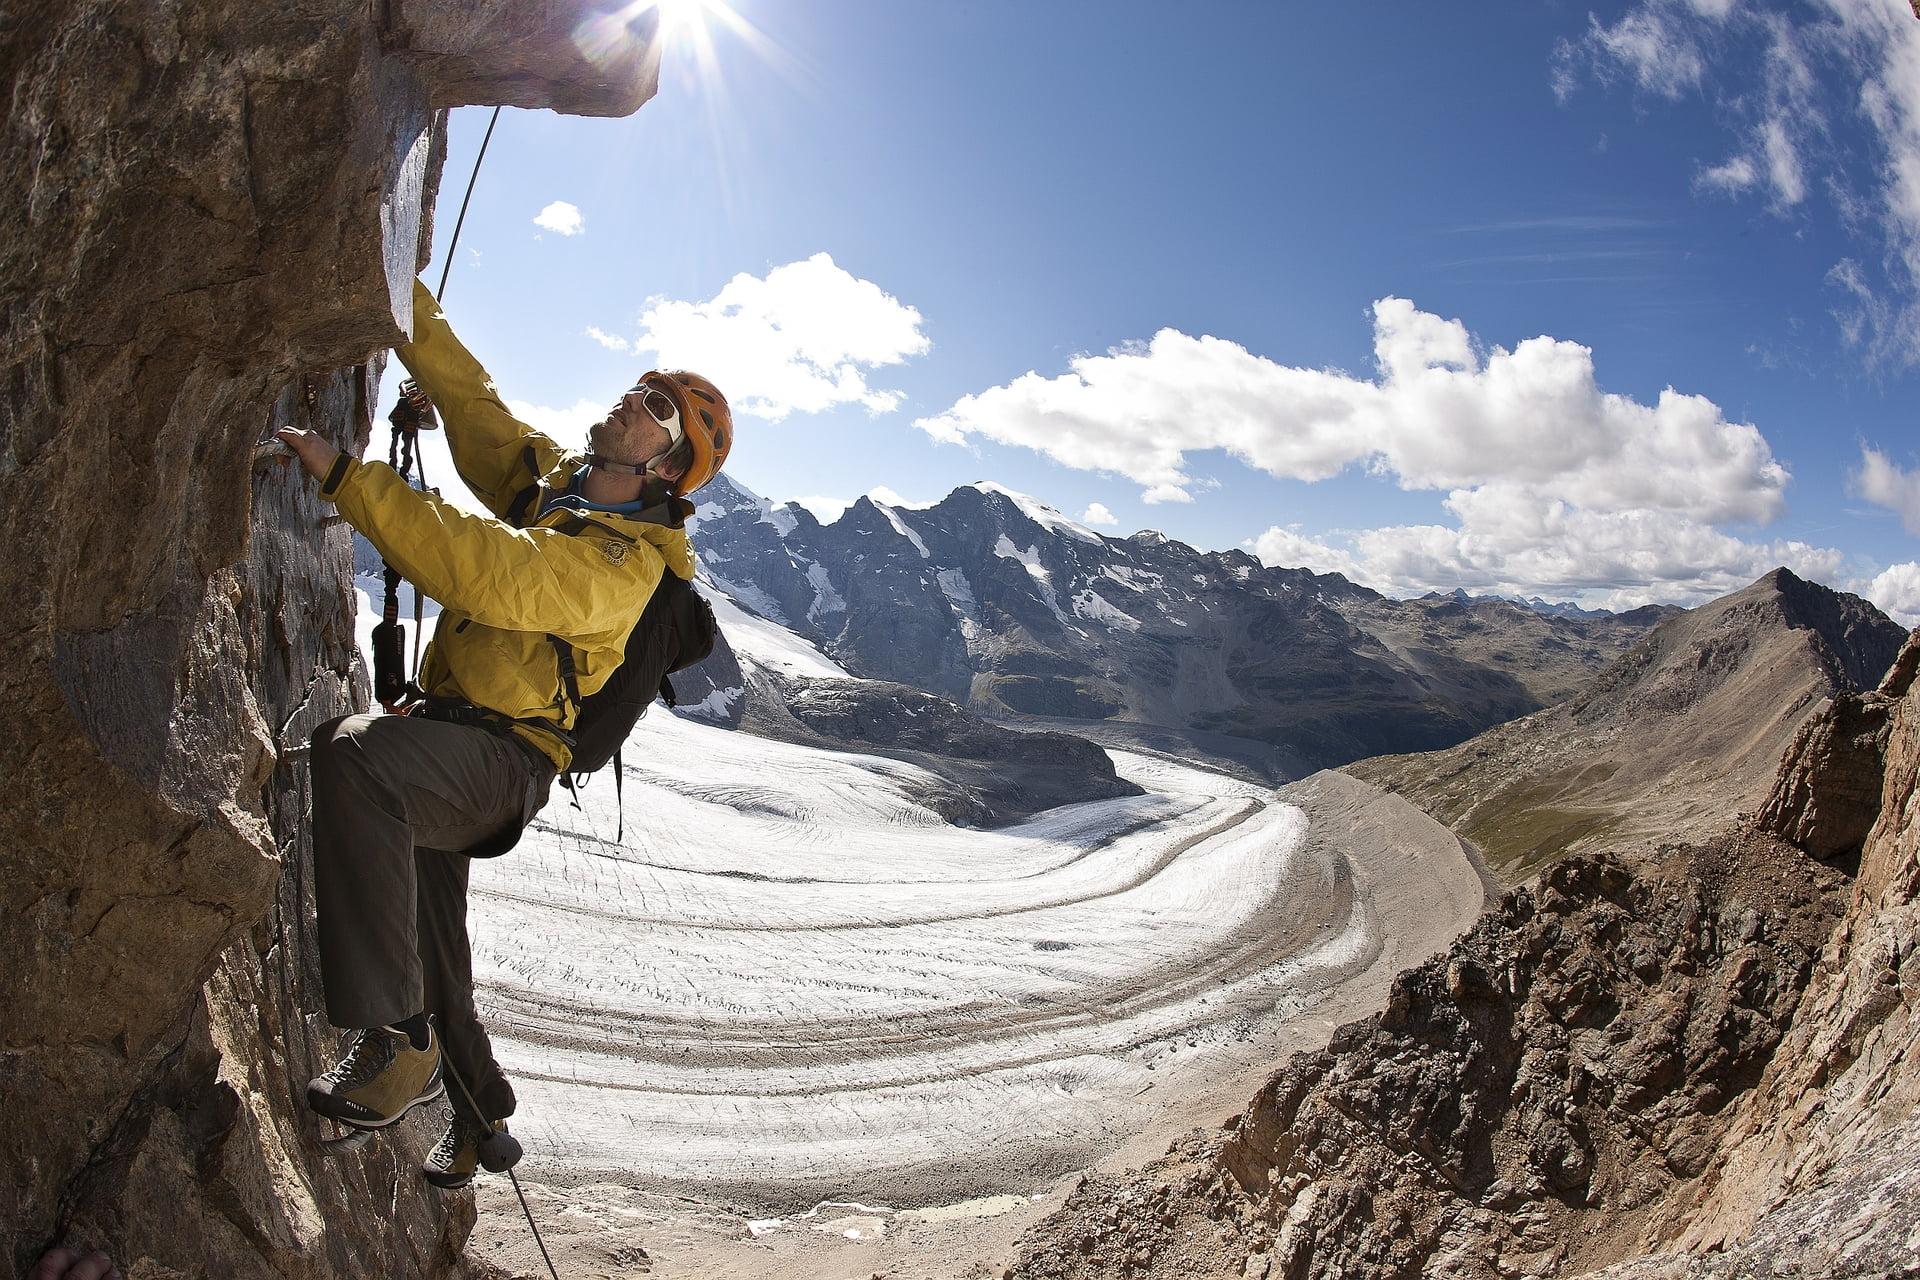 Klettersteig Piz Trovat : Klettersteig piz trovat ii sommer in engadin st moritz